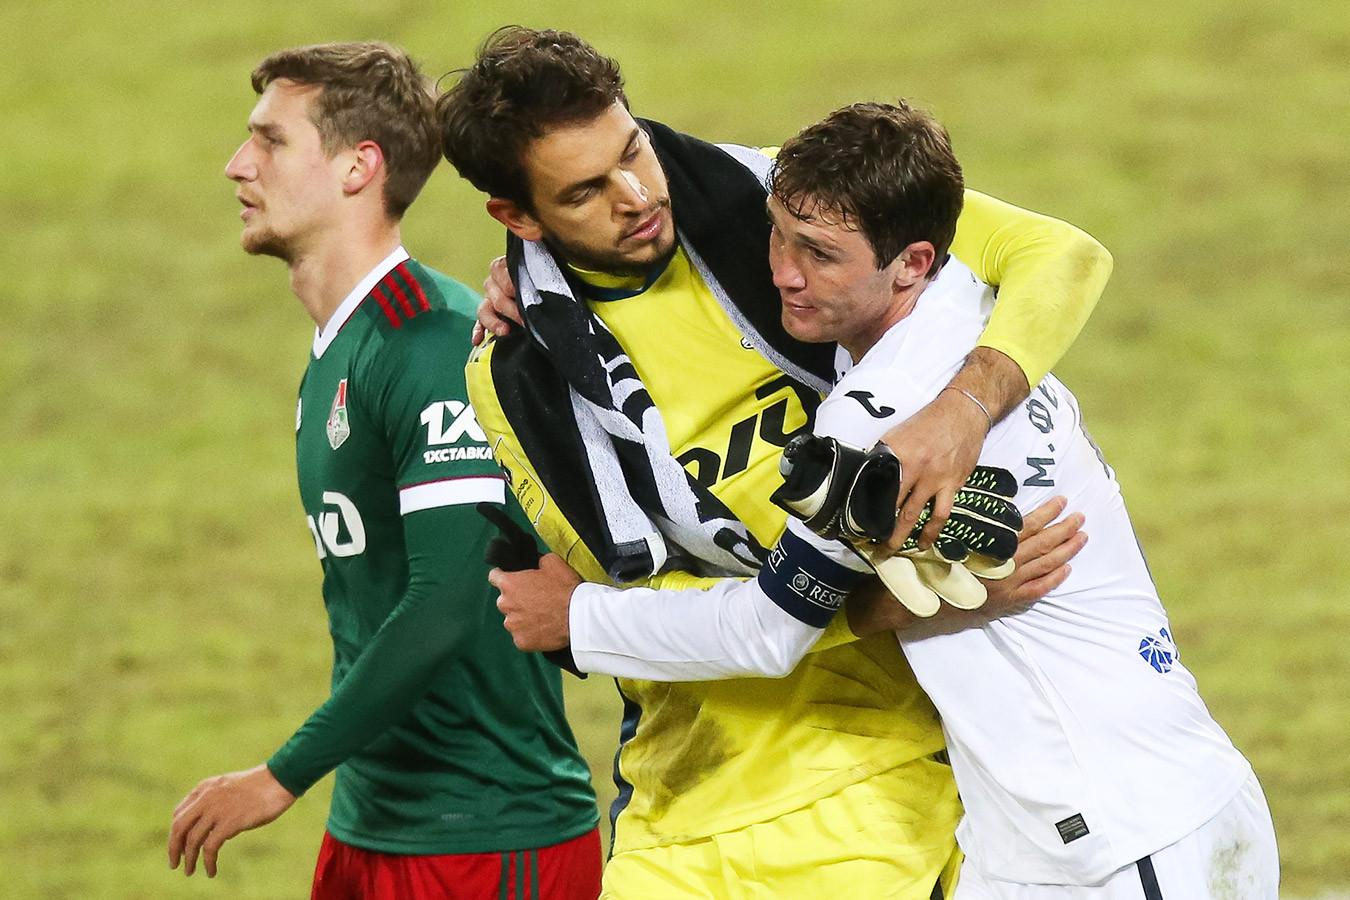 Гиля утешал Фернандеса, Гончаренко хватался за голову от игры ЦСКА. Лучшие фото с дерби